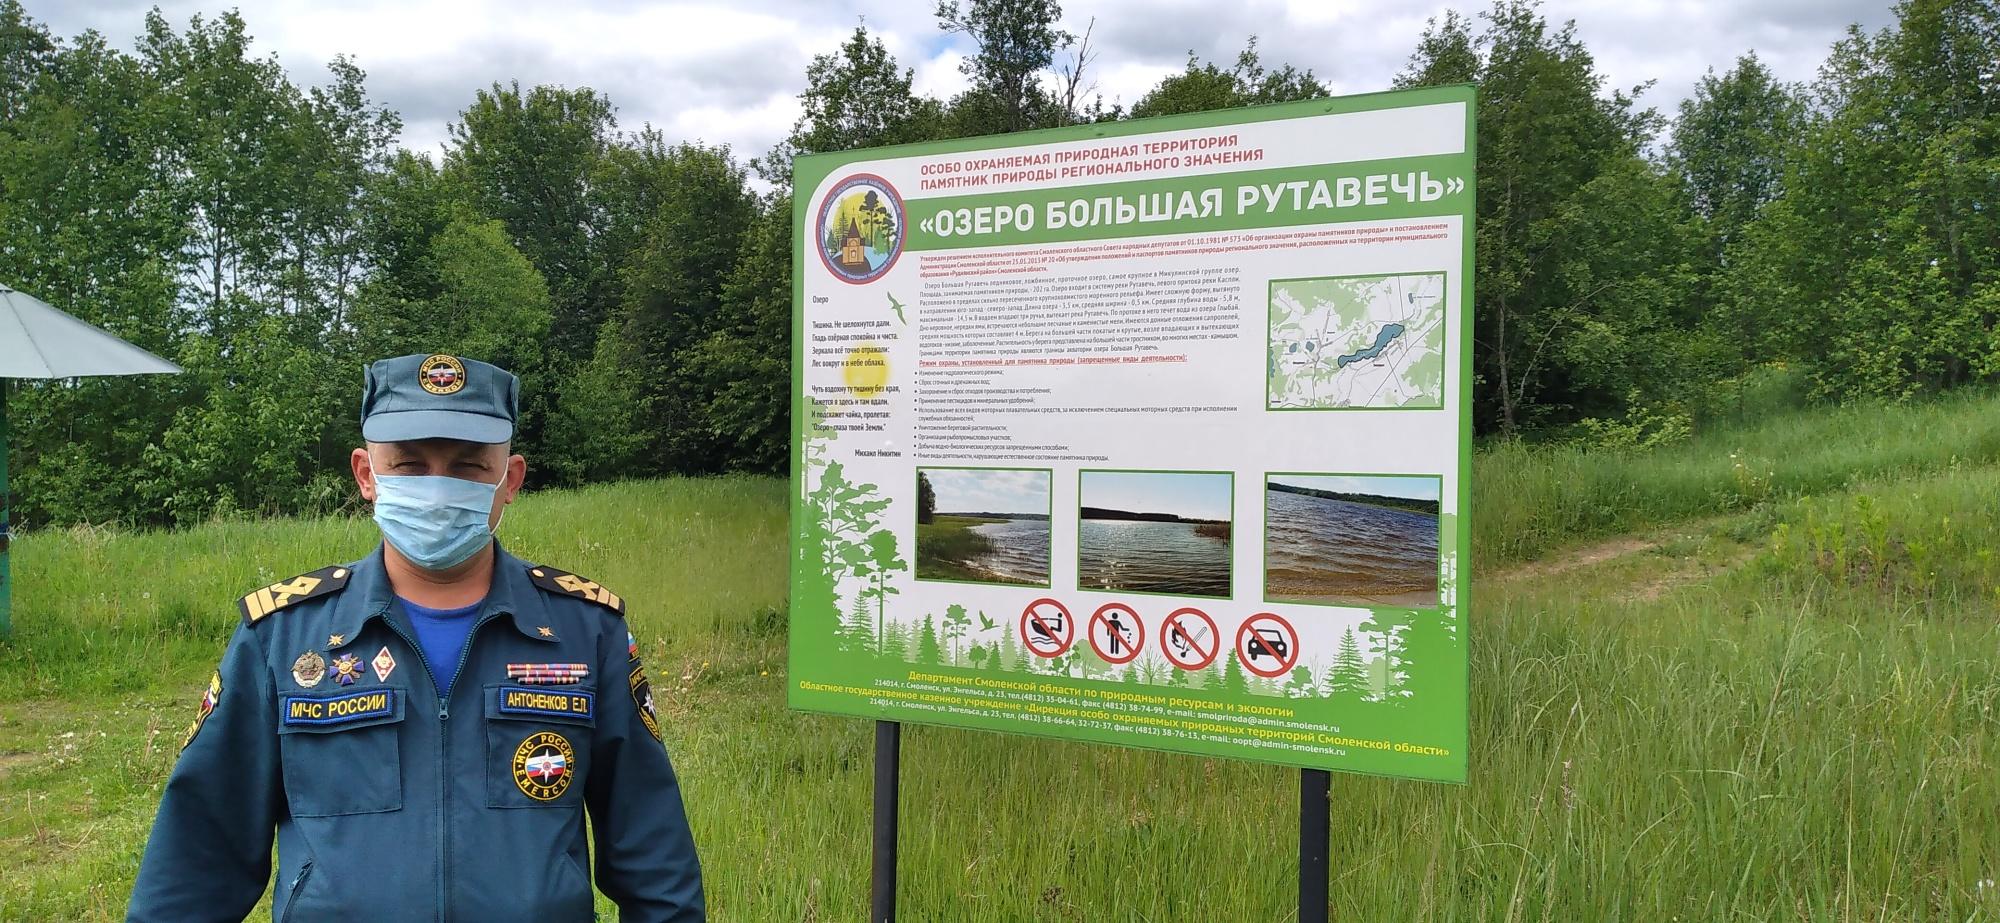 Опубликован полный список открытых для купания пляжей Смоленской области